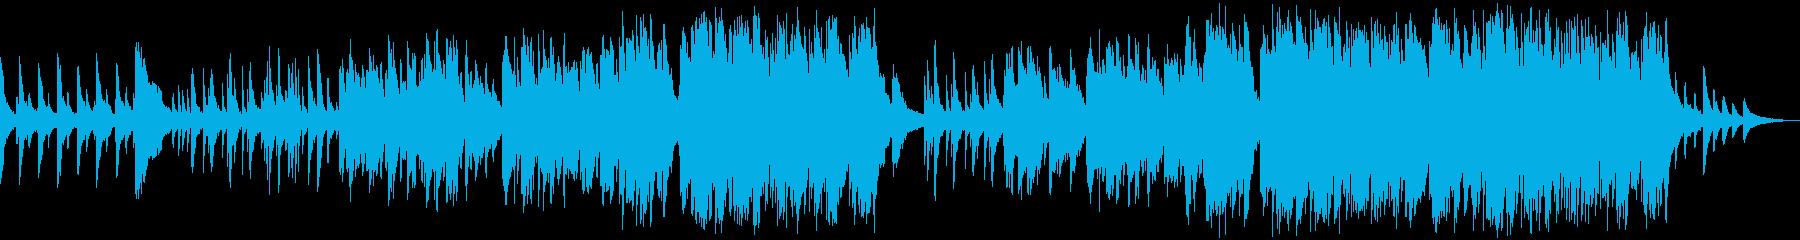 ピアノソロ ピアノバラードの再生済みの波形